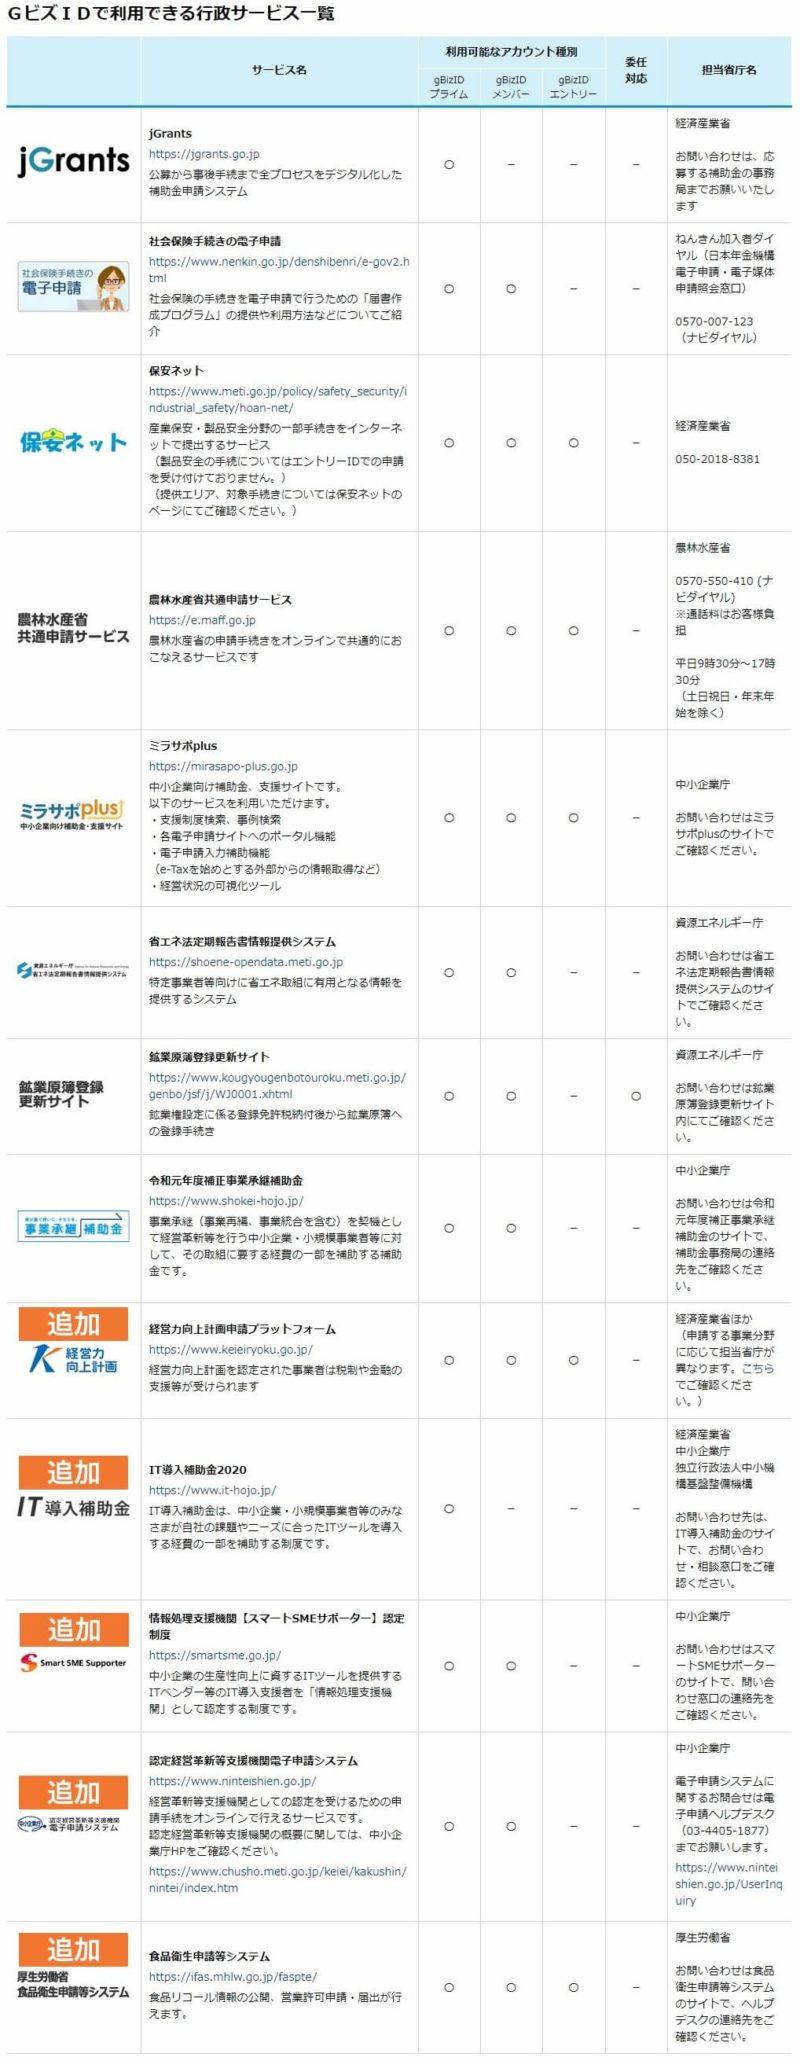 GビズIDで利用できるサービス一覧(2020年10月現在)画像